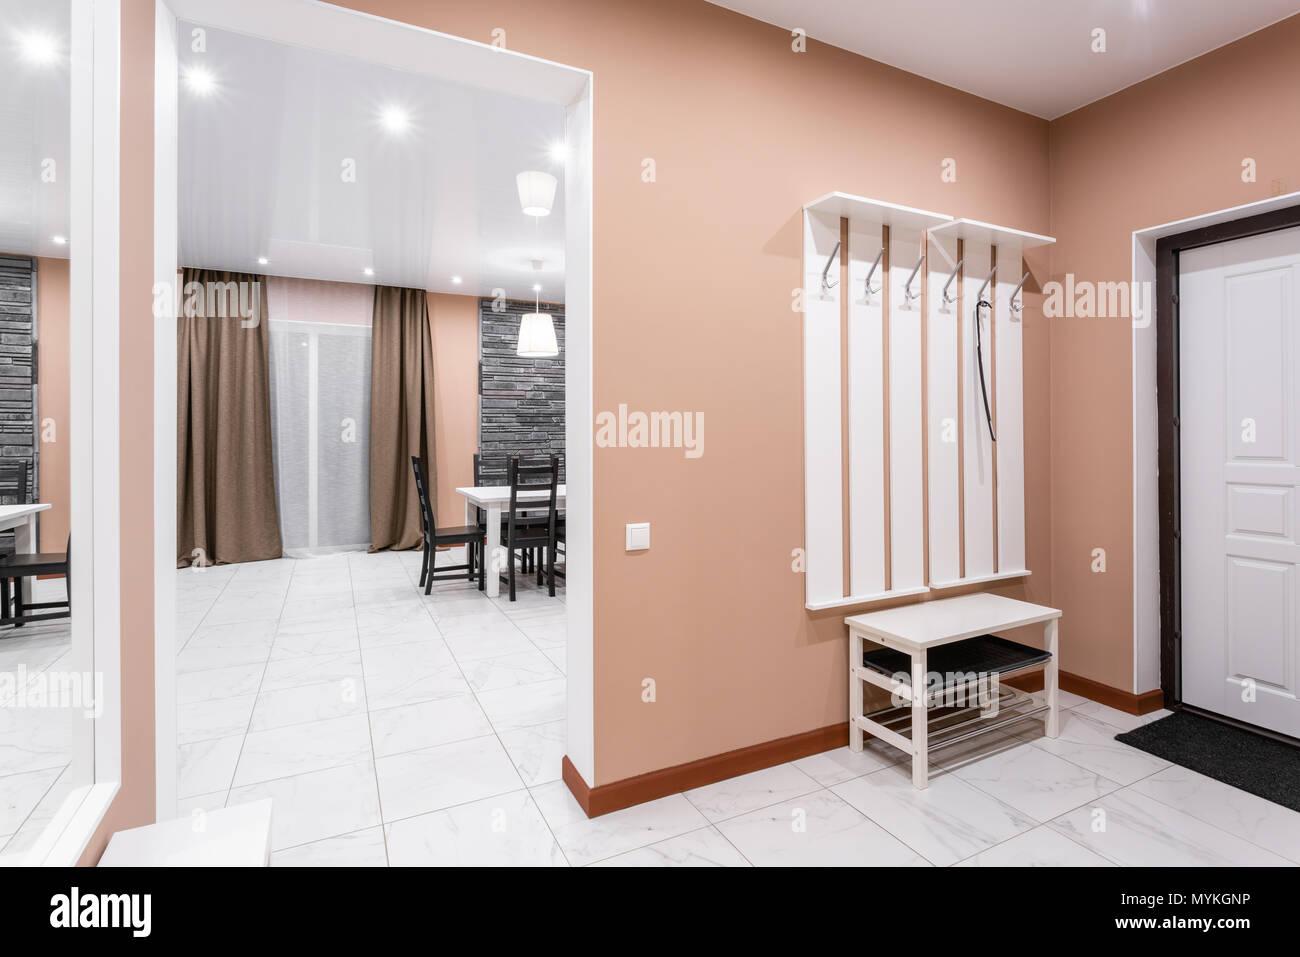 Incroyable Moderner Minimalismus Style Salon Interieur. Einfache Und Kostengünstige  Wohnzimmer Mit Küche. Innenbeleuchtung Abend